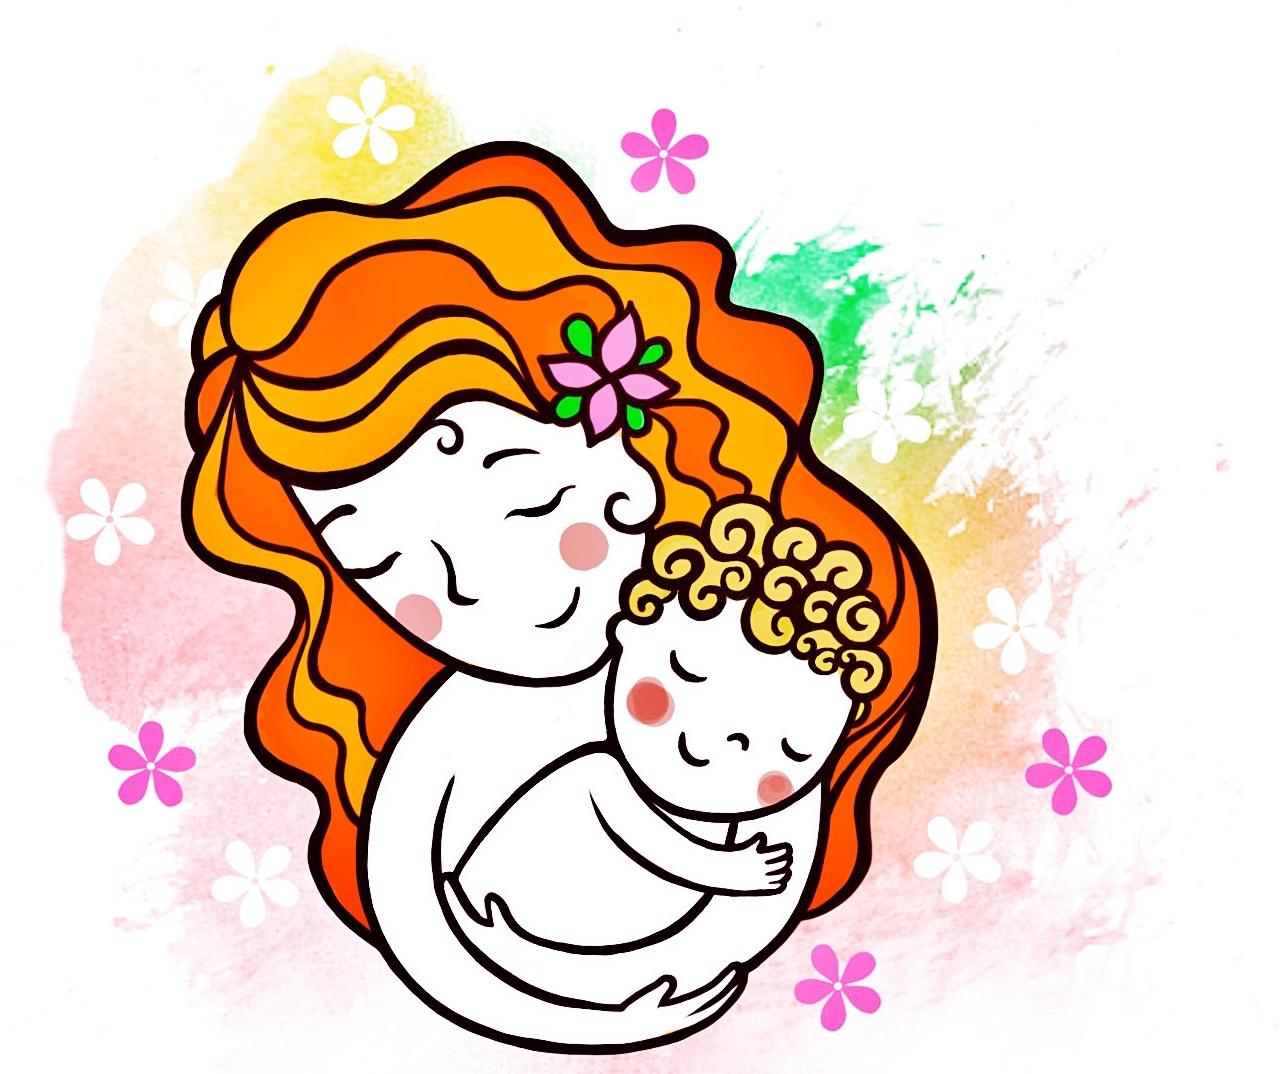 День матери картинки рисунки для детей, морскими свинками